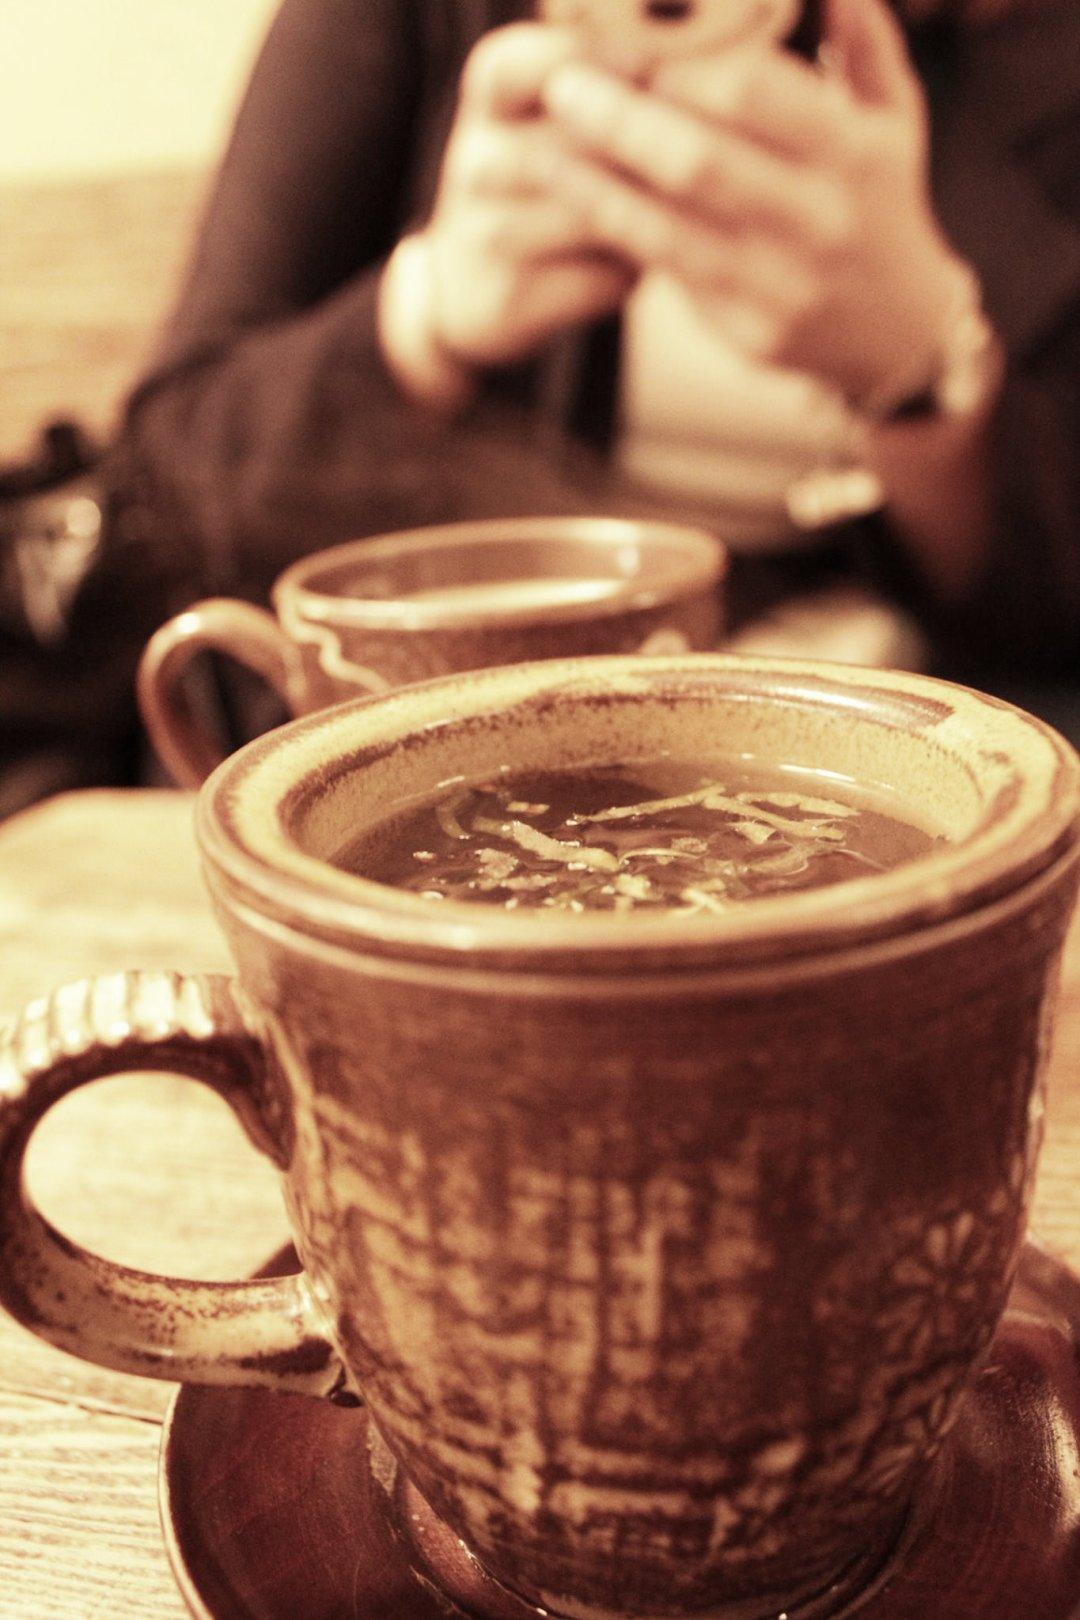 Having a tea break at Insadong